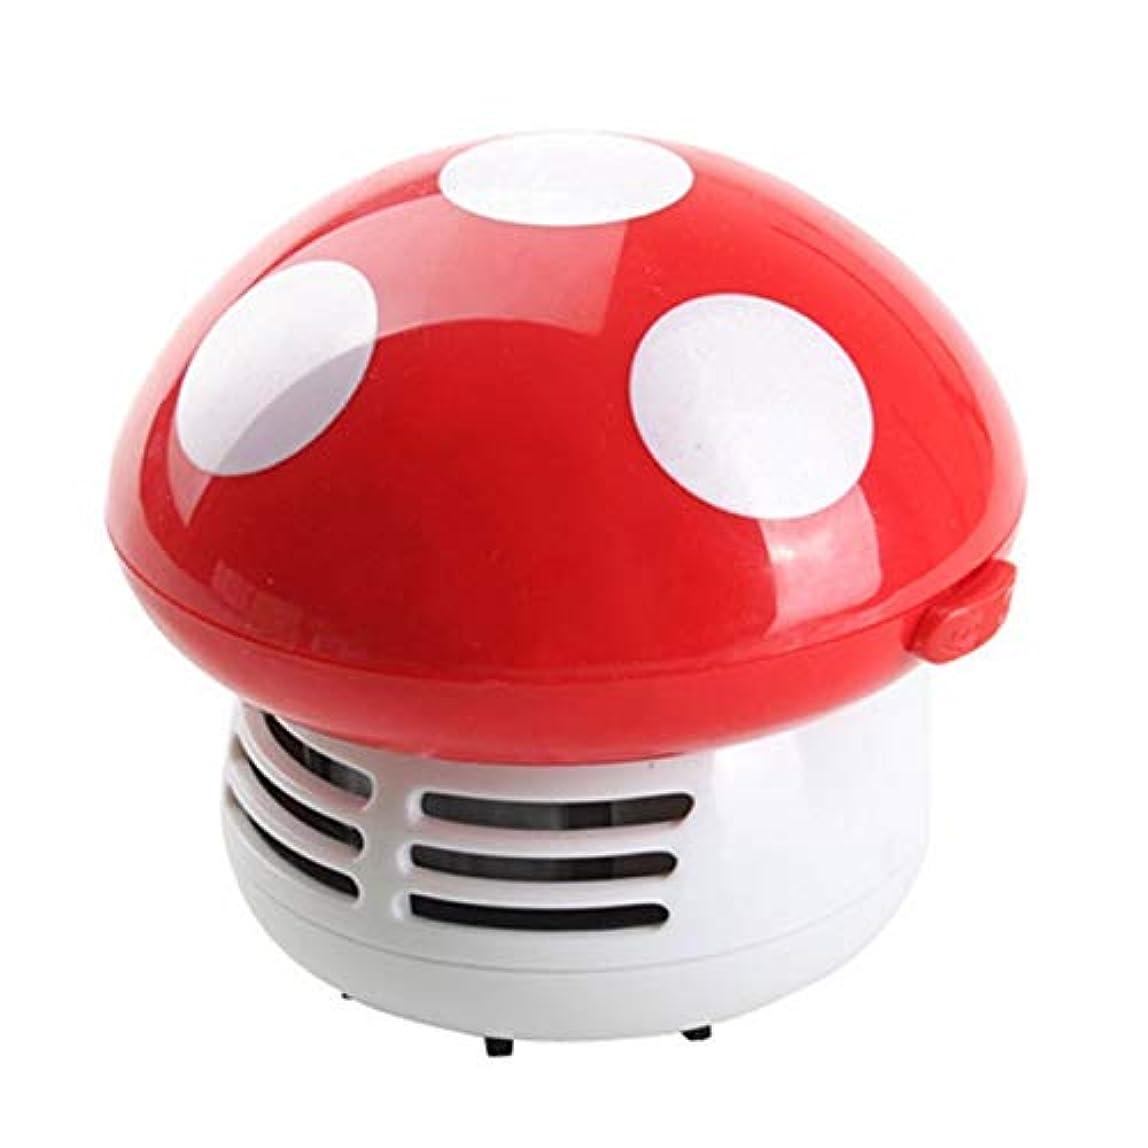 ジャベスウィルソンシリーズ背の高いSaikogoods ミニ きのこ デスククリーナー 掃除機 カー家庭用コンピュータのためのかわいい コーナーデスクテーブルクリーナー 集塵機 スイーパー 赤